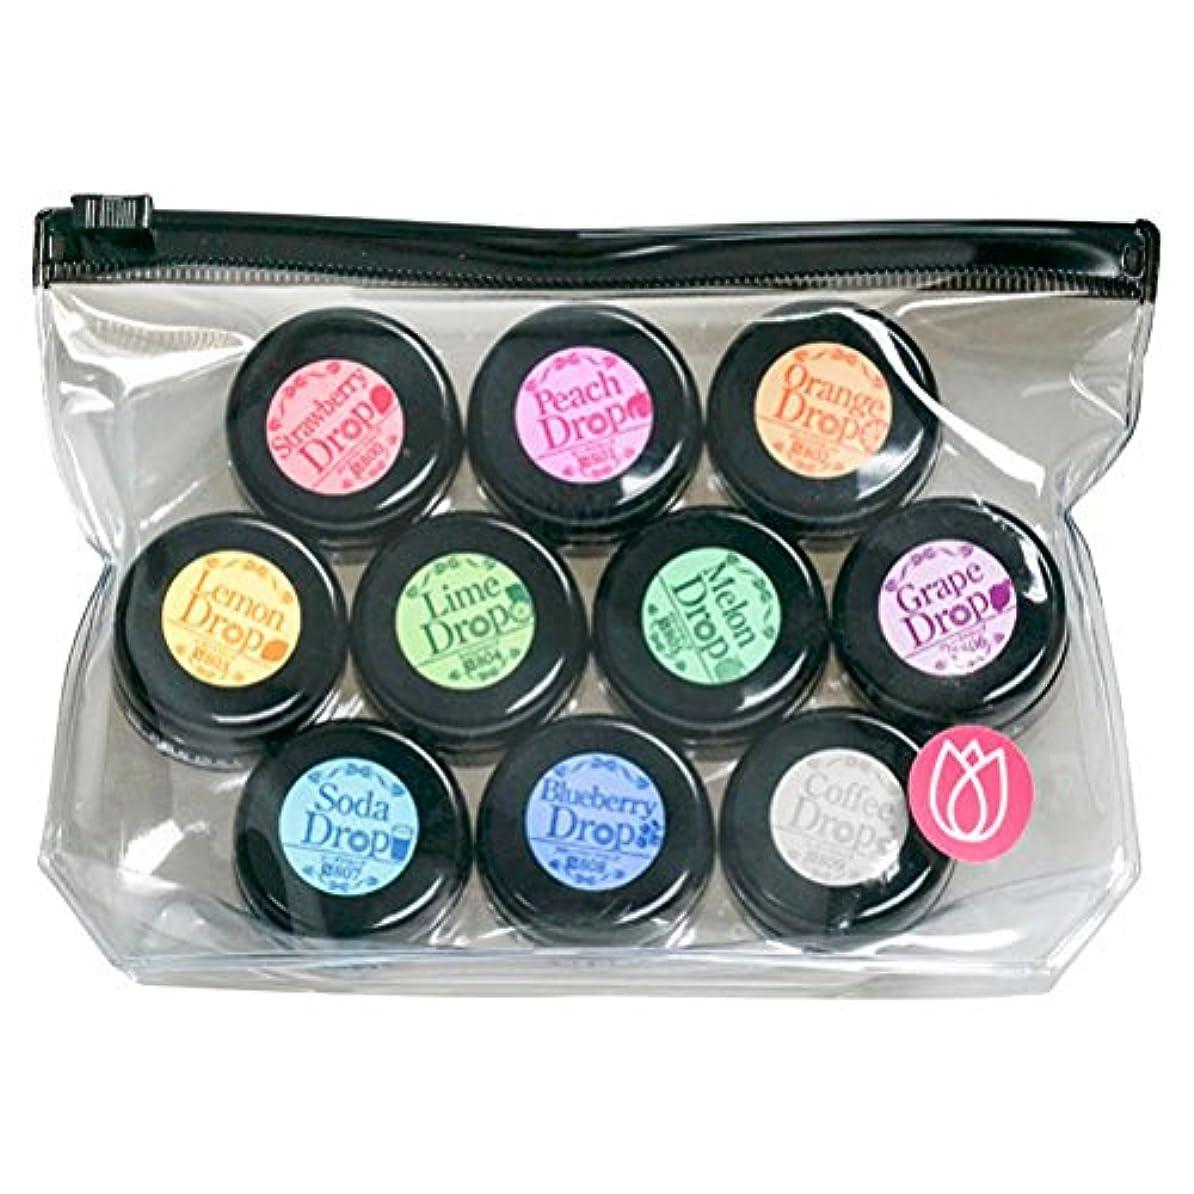 パンツ家畜パックプリジェル ジェルネイル スーパーカラーEXドロップシリーズ10色セット UV/LED対応 3g×10色